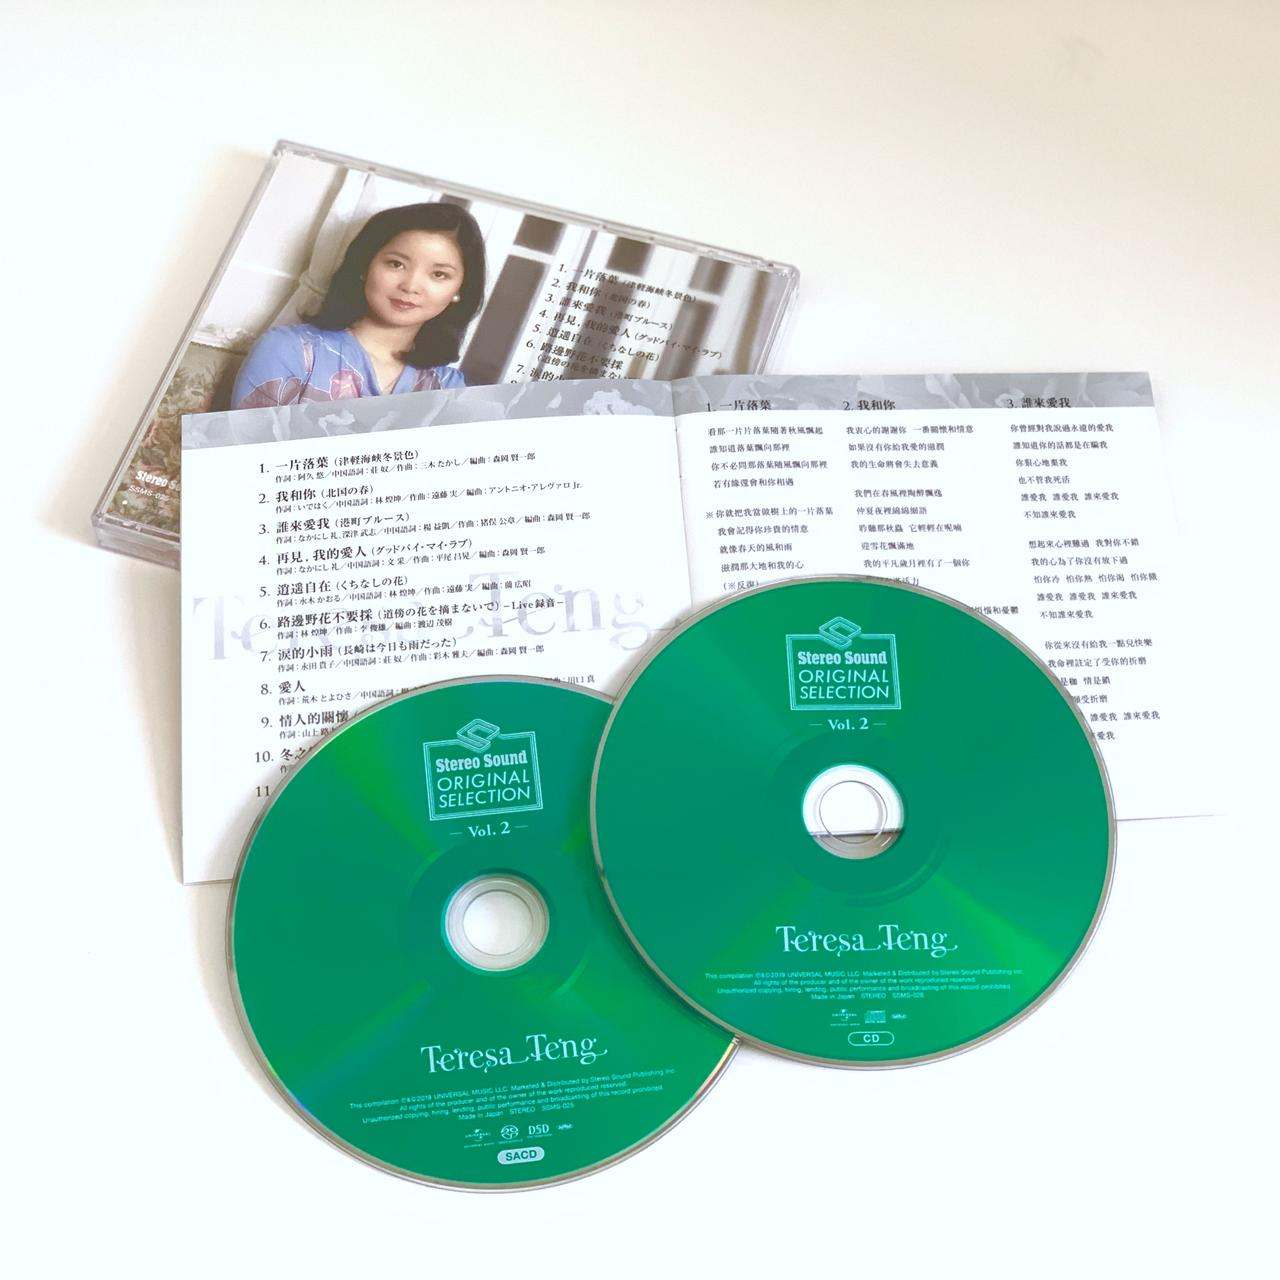 画像: シングルレイヤーSACDと、通常CDの2枚組。付属のブックレットには、オリジナルの中国語歌詞も全曲掲載しています 詳細・ご購入はこちら www.stereosound-store.jp